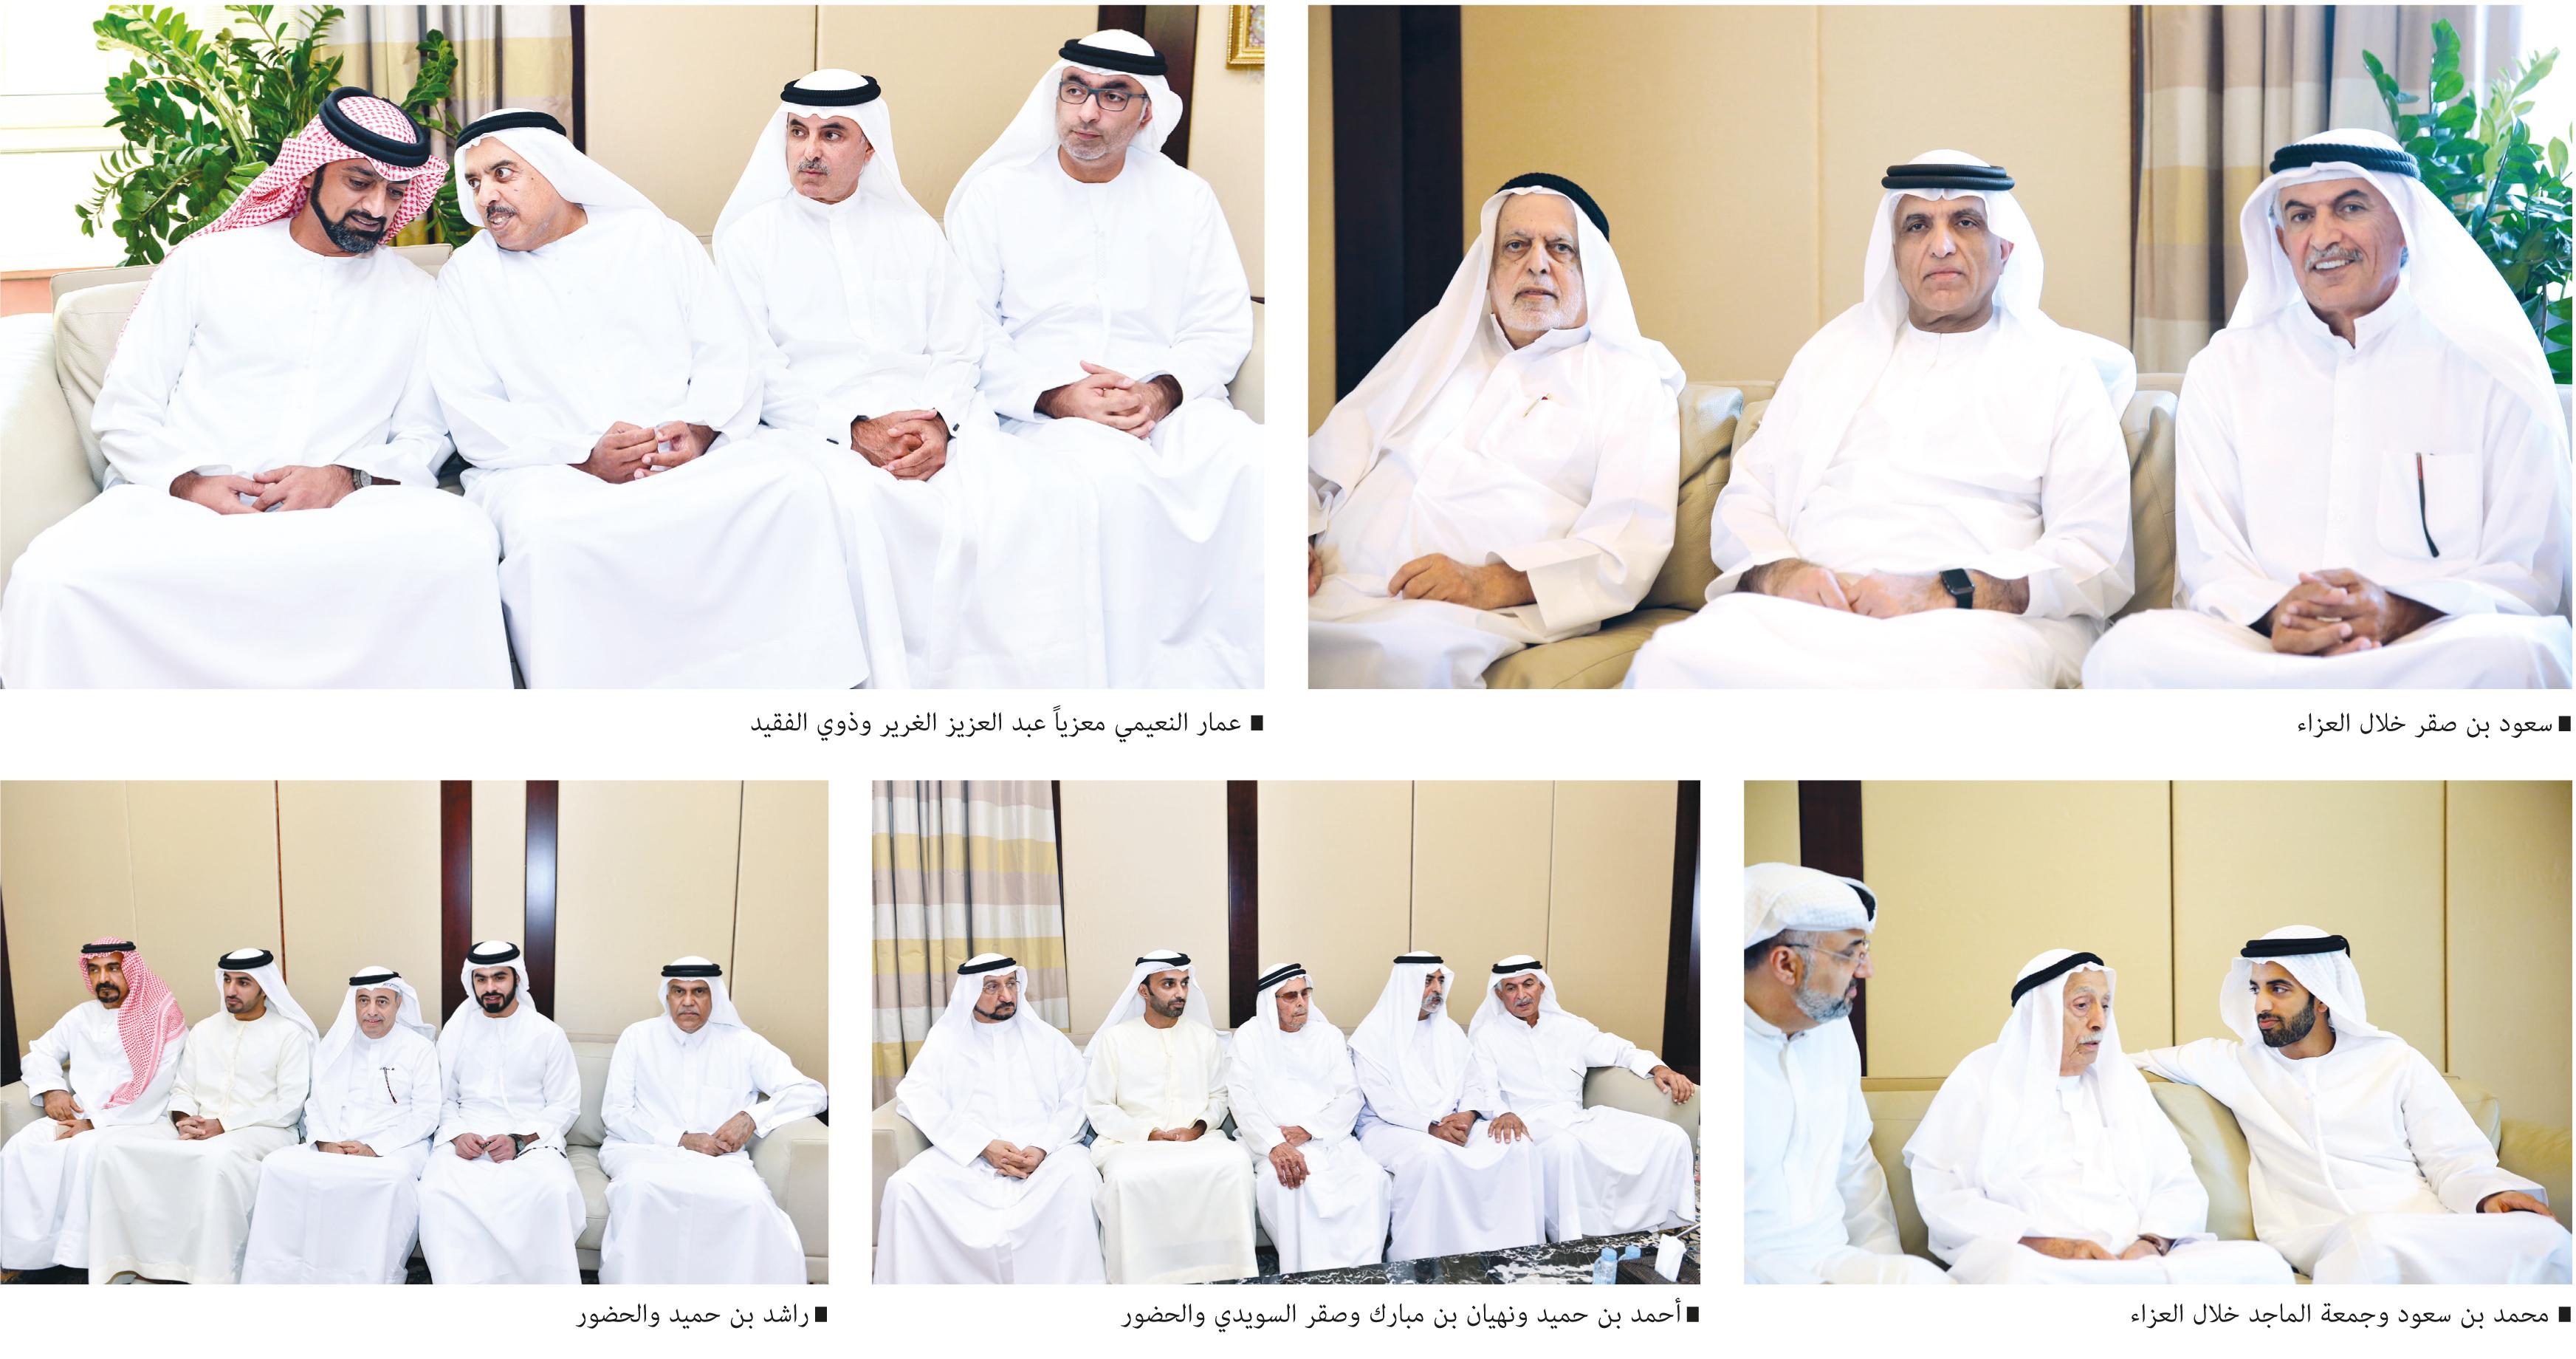 حميد النعيمي وسعود بن صقر وحمدان بن محمد يعزون في وفاة ...